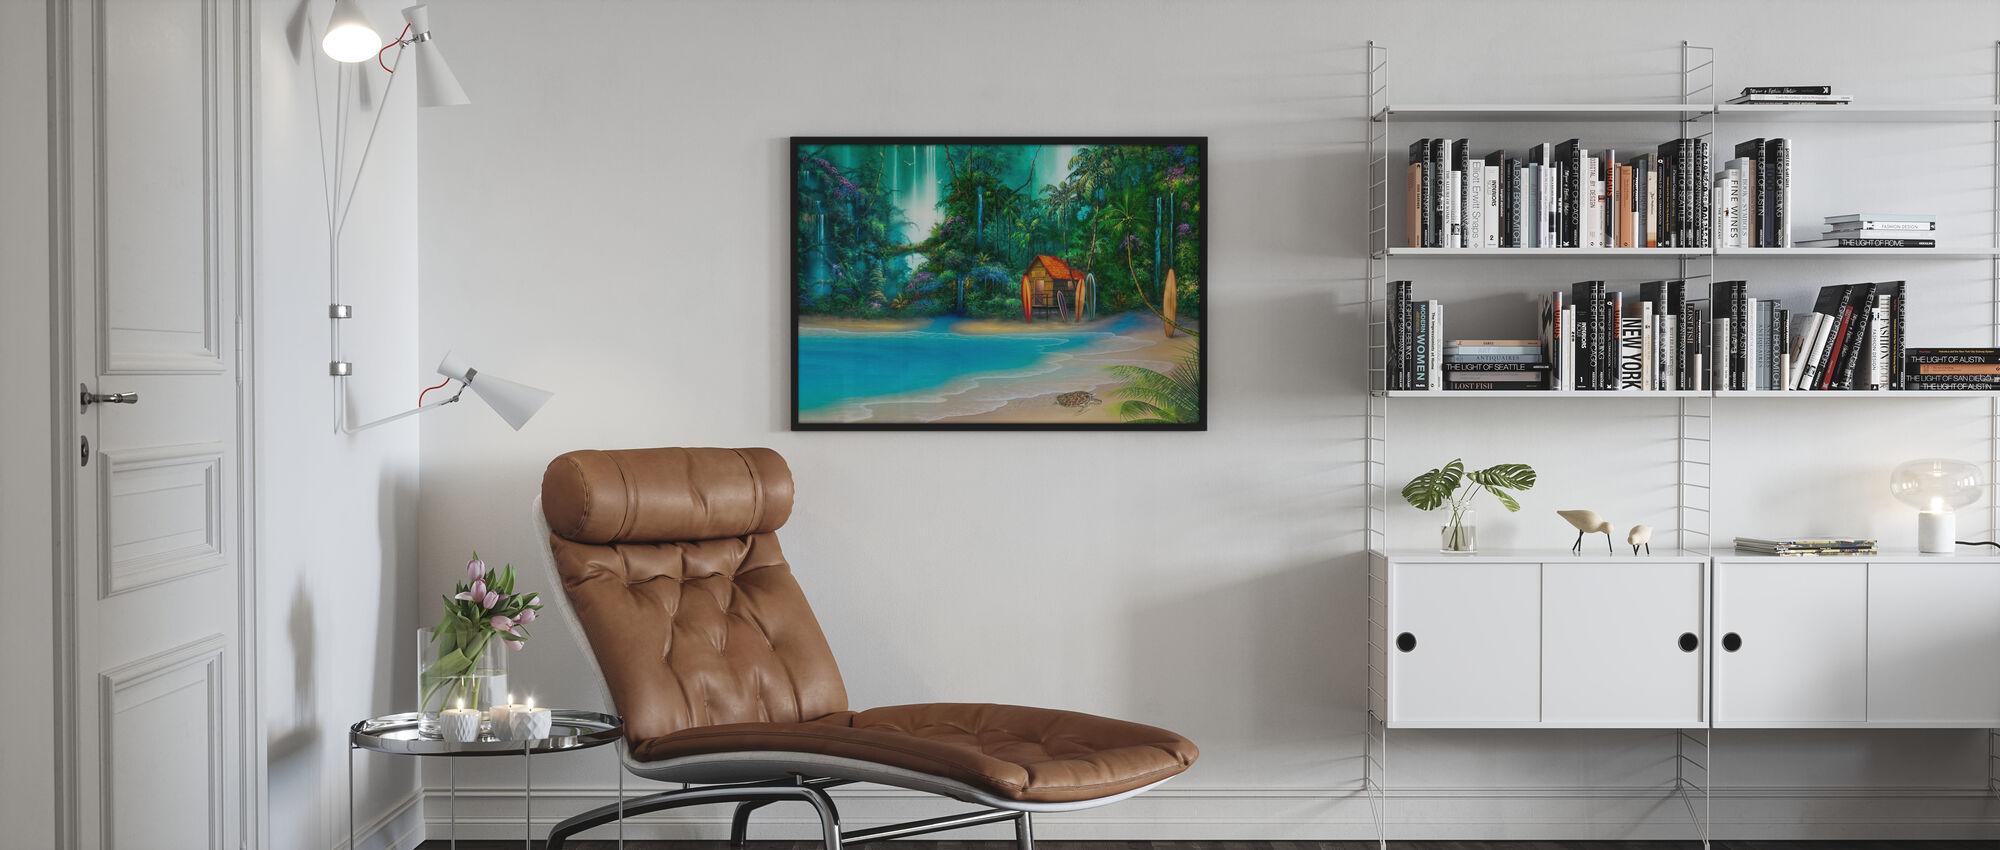 Surfhütte - Poster - Wohnzimmer